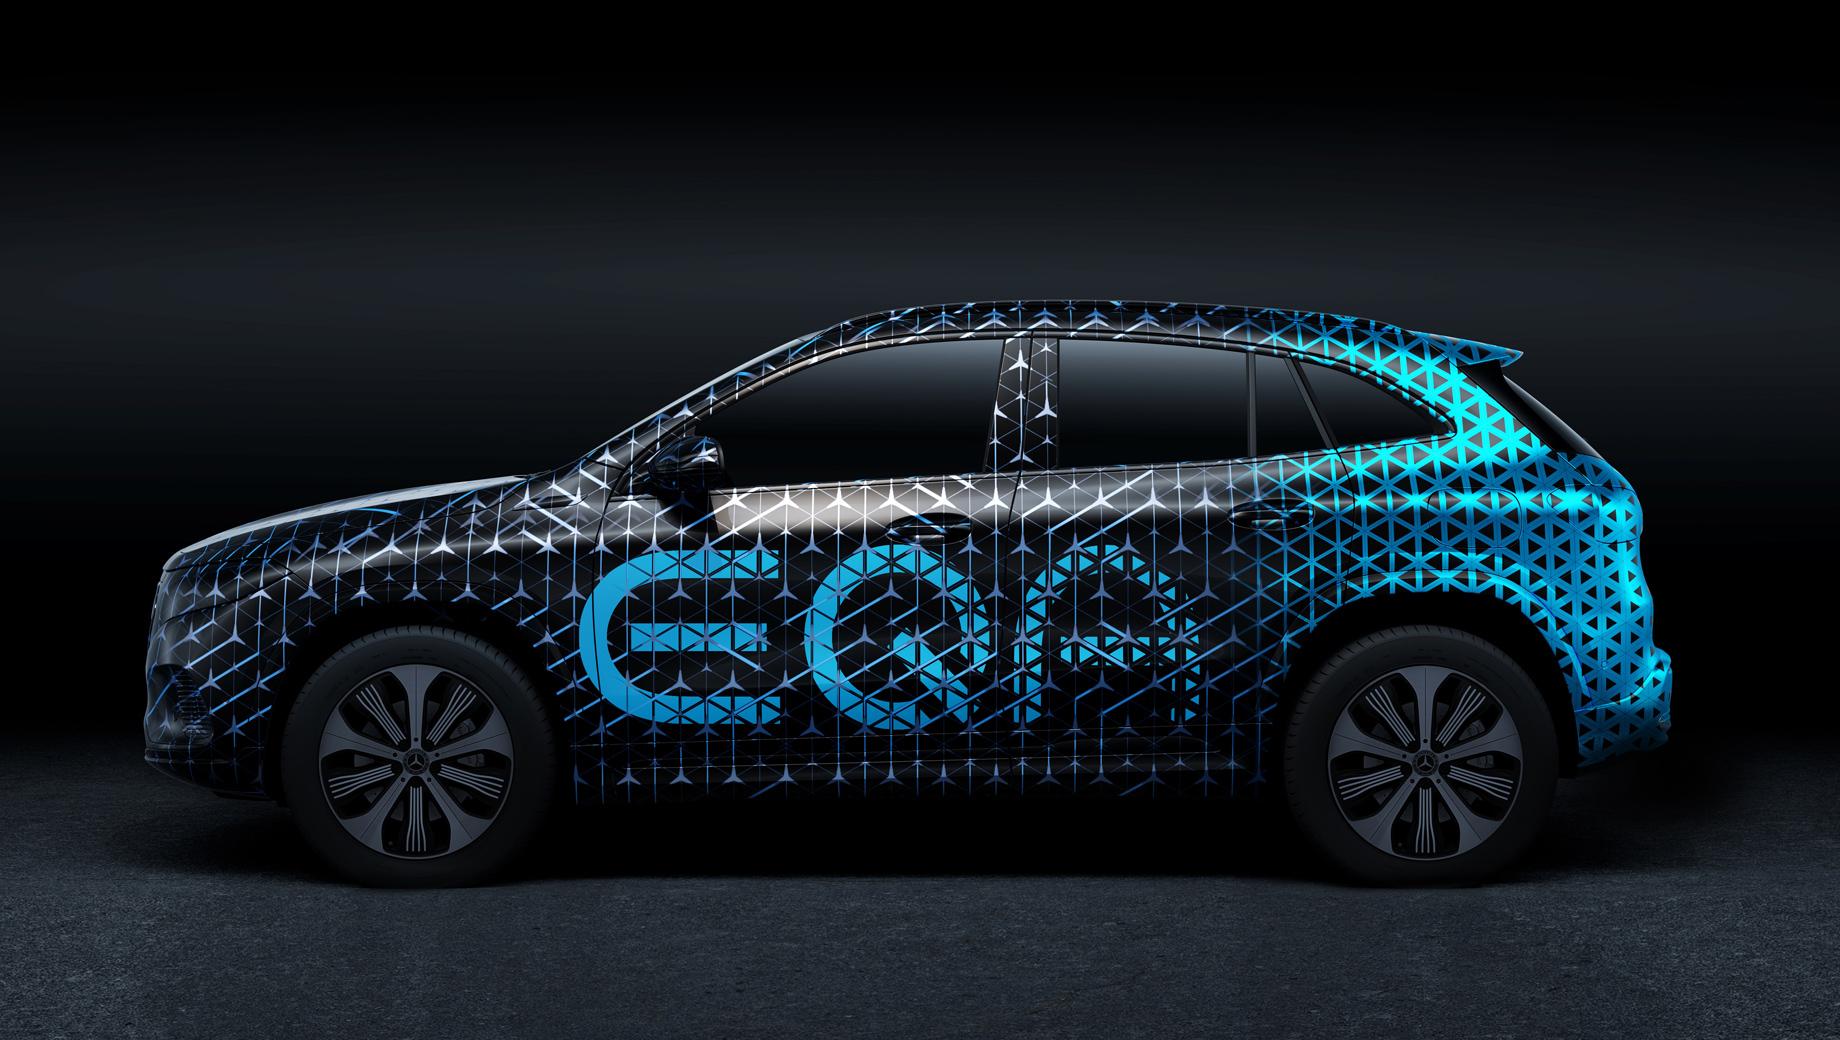 Mercedes eqa. По неофициальным данным, серийная модель получит как минимум две версии: с передним и полным приводом. Также свой вариант, по слухам, подготовит отделение AMG. От неё можно ждать отдачи, примерно сравнимой с GLA 45 S (421 л.с.).